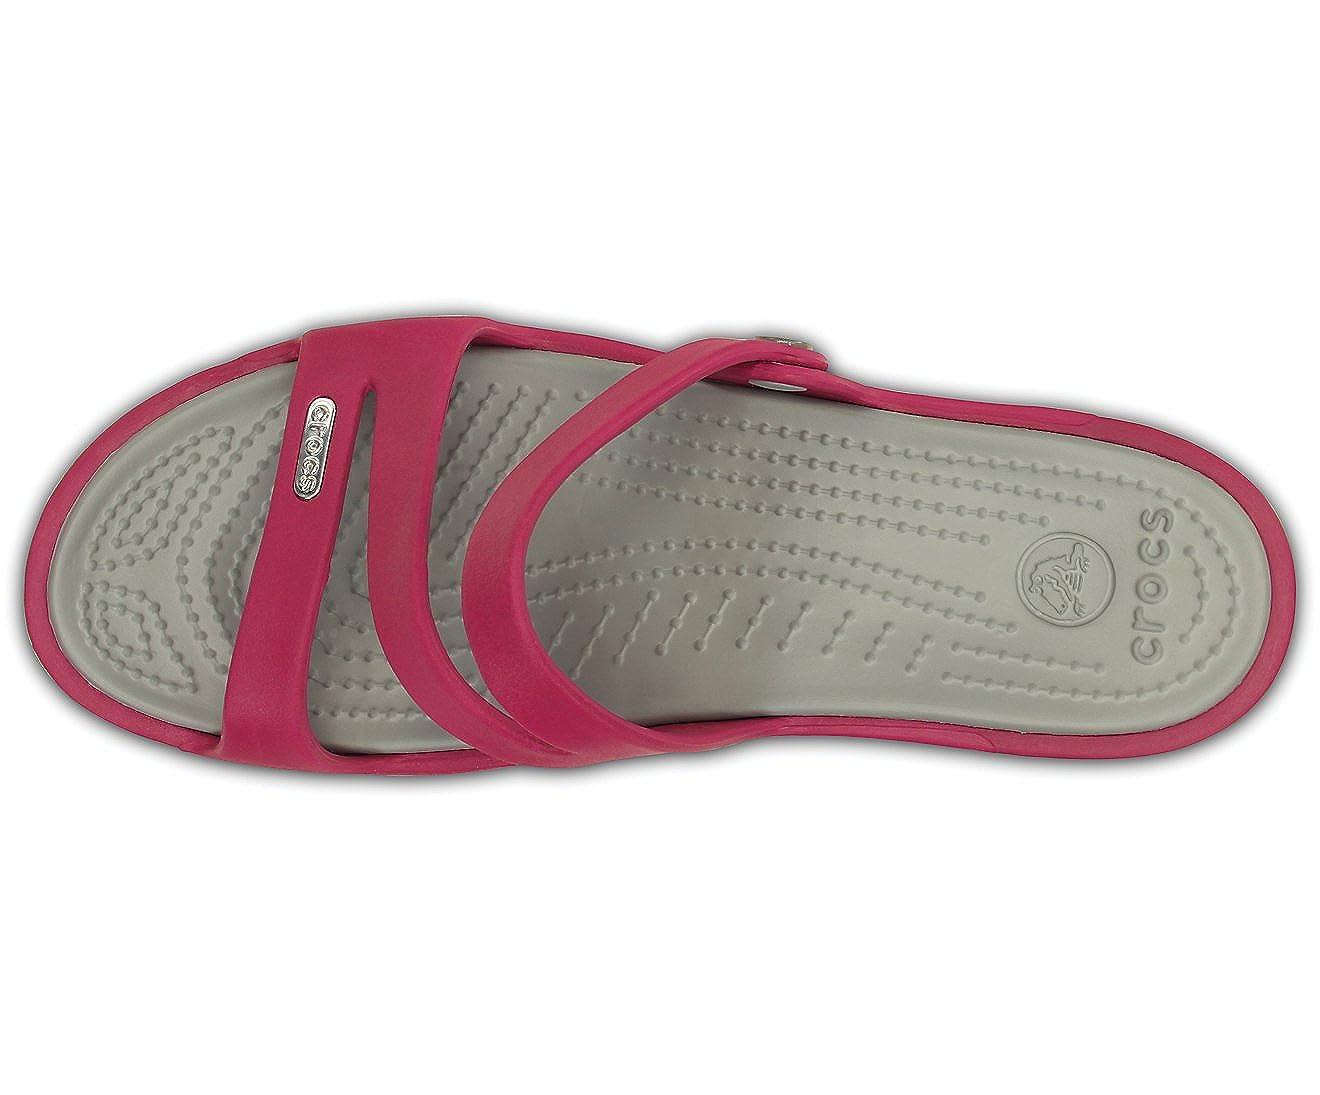 crocs Schuhe Baya für Kinder und Jugend. Rutschfest